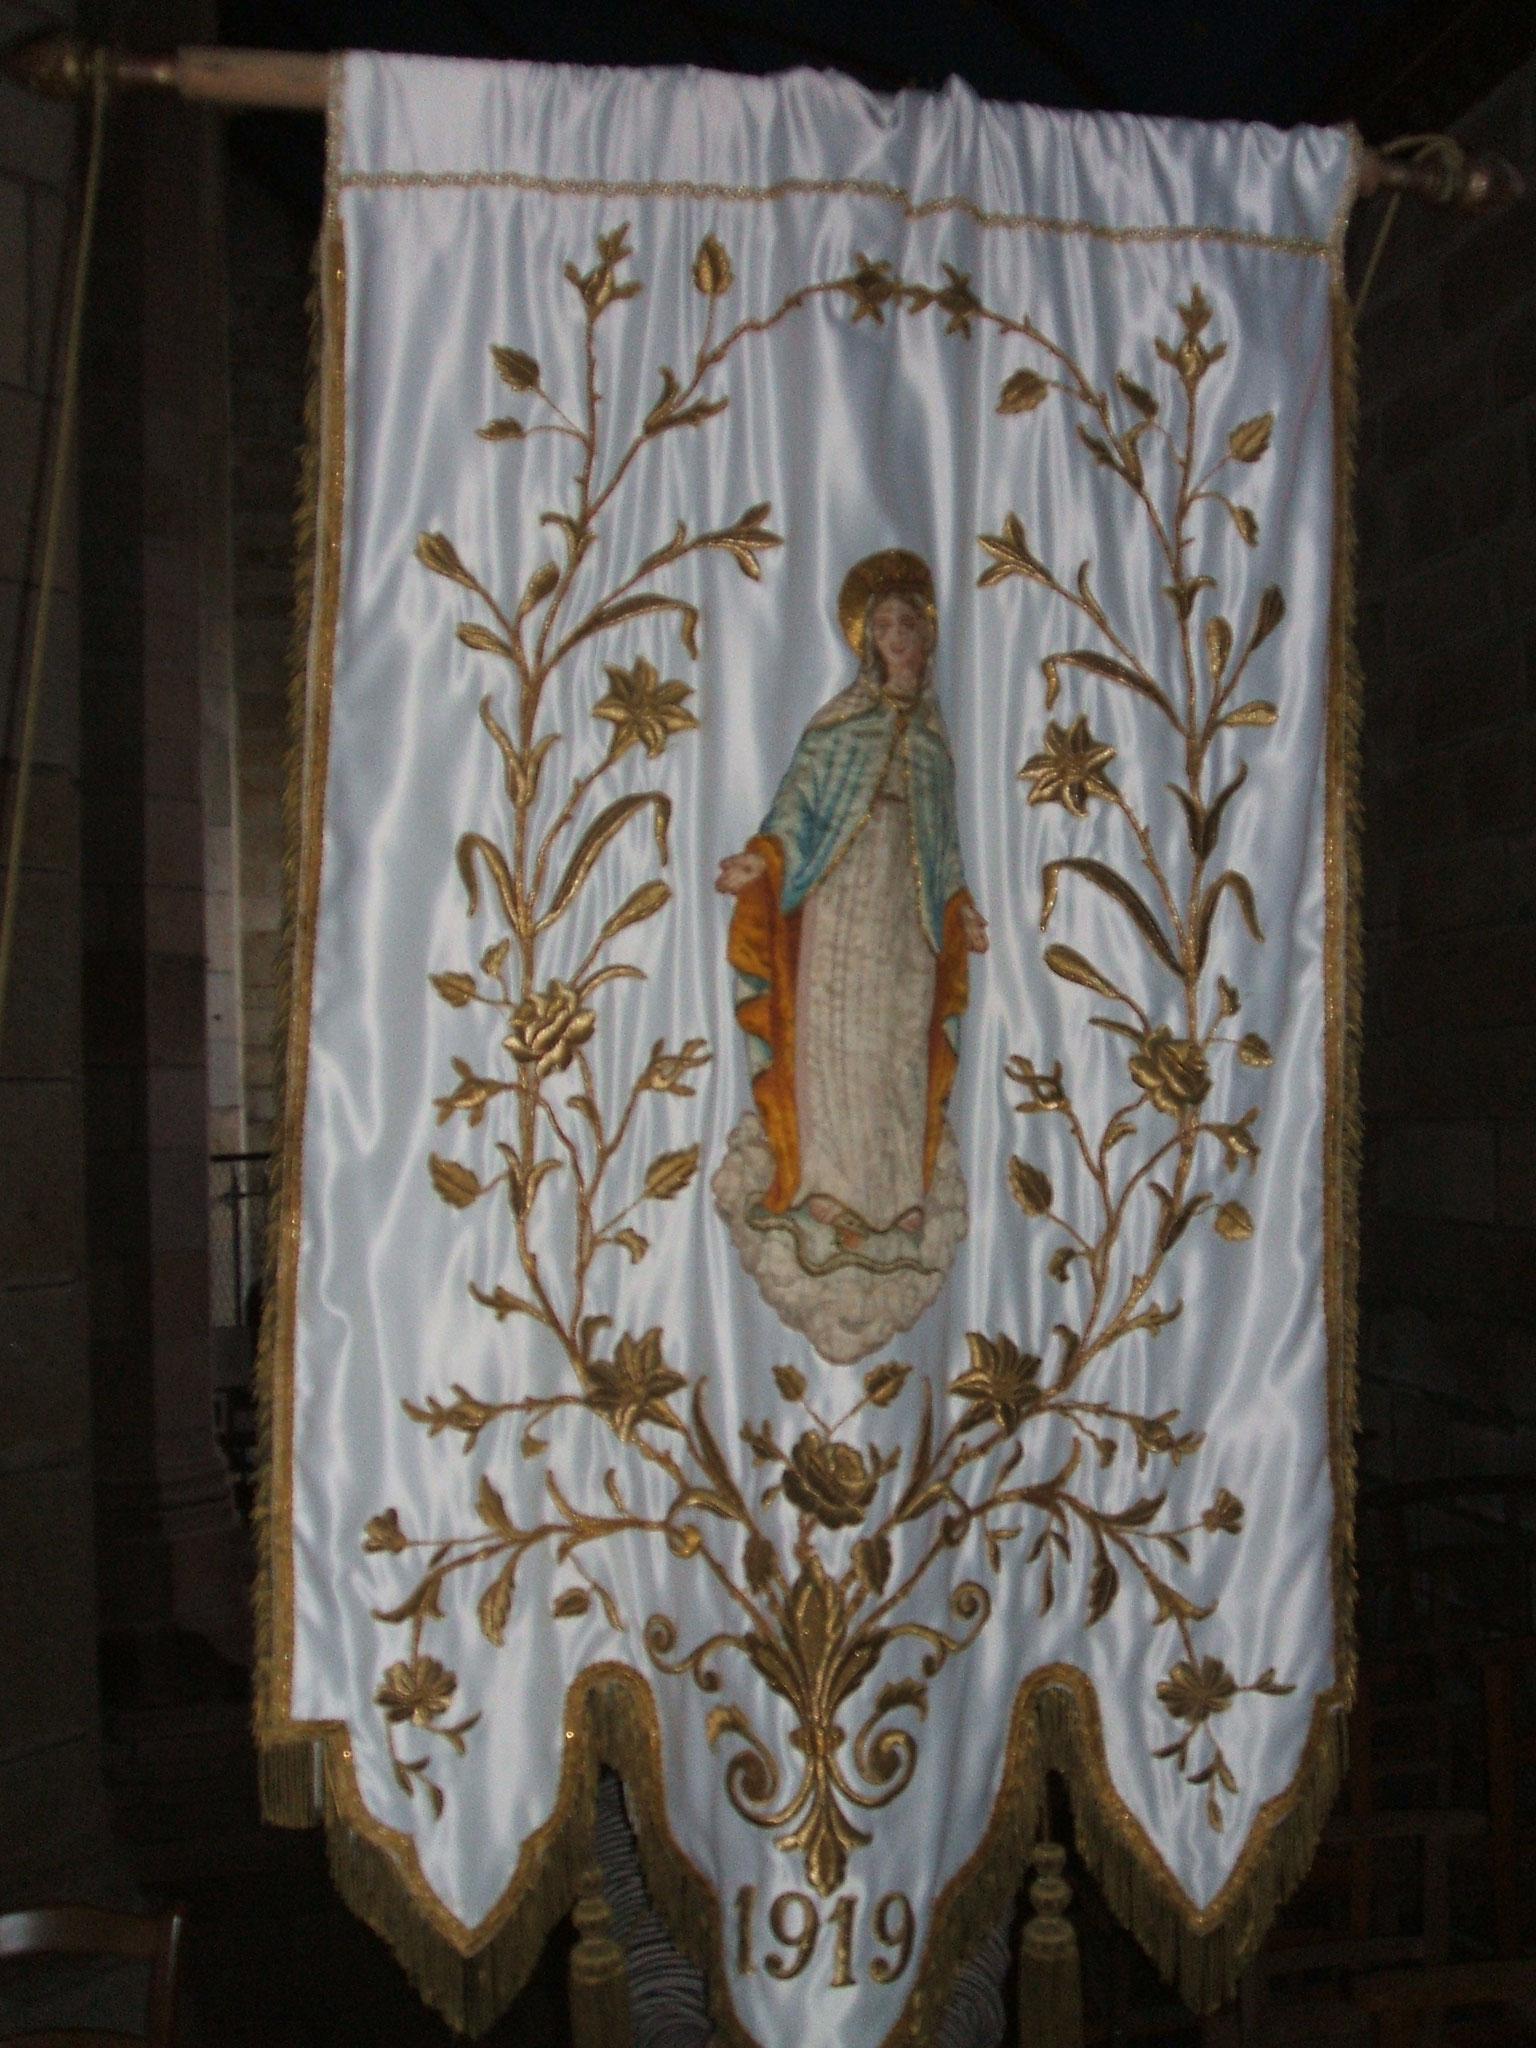 Bannière Vierge, 1919.